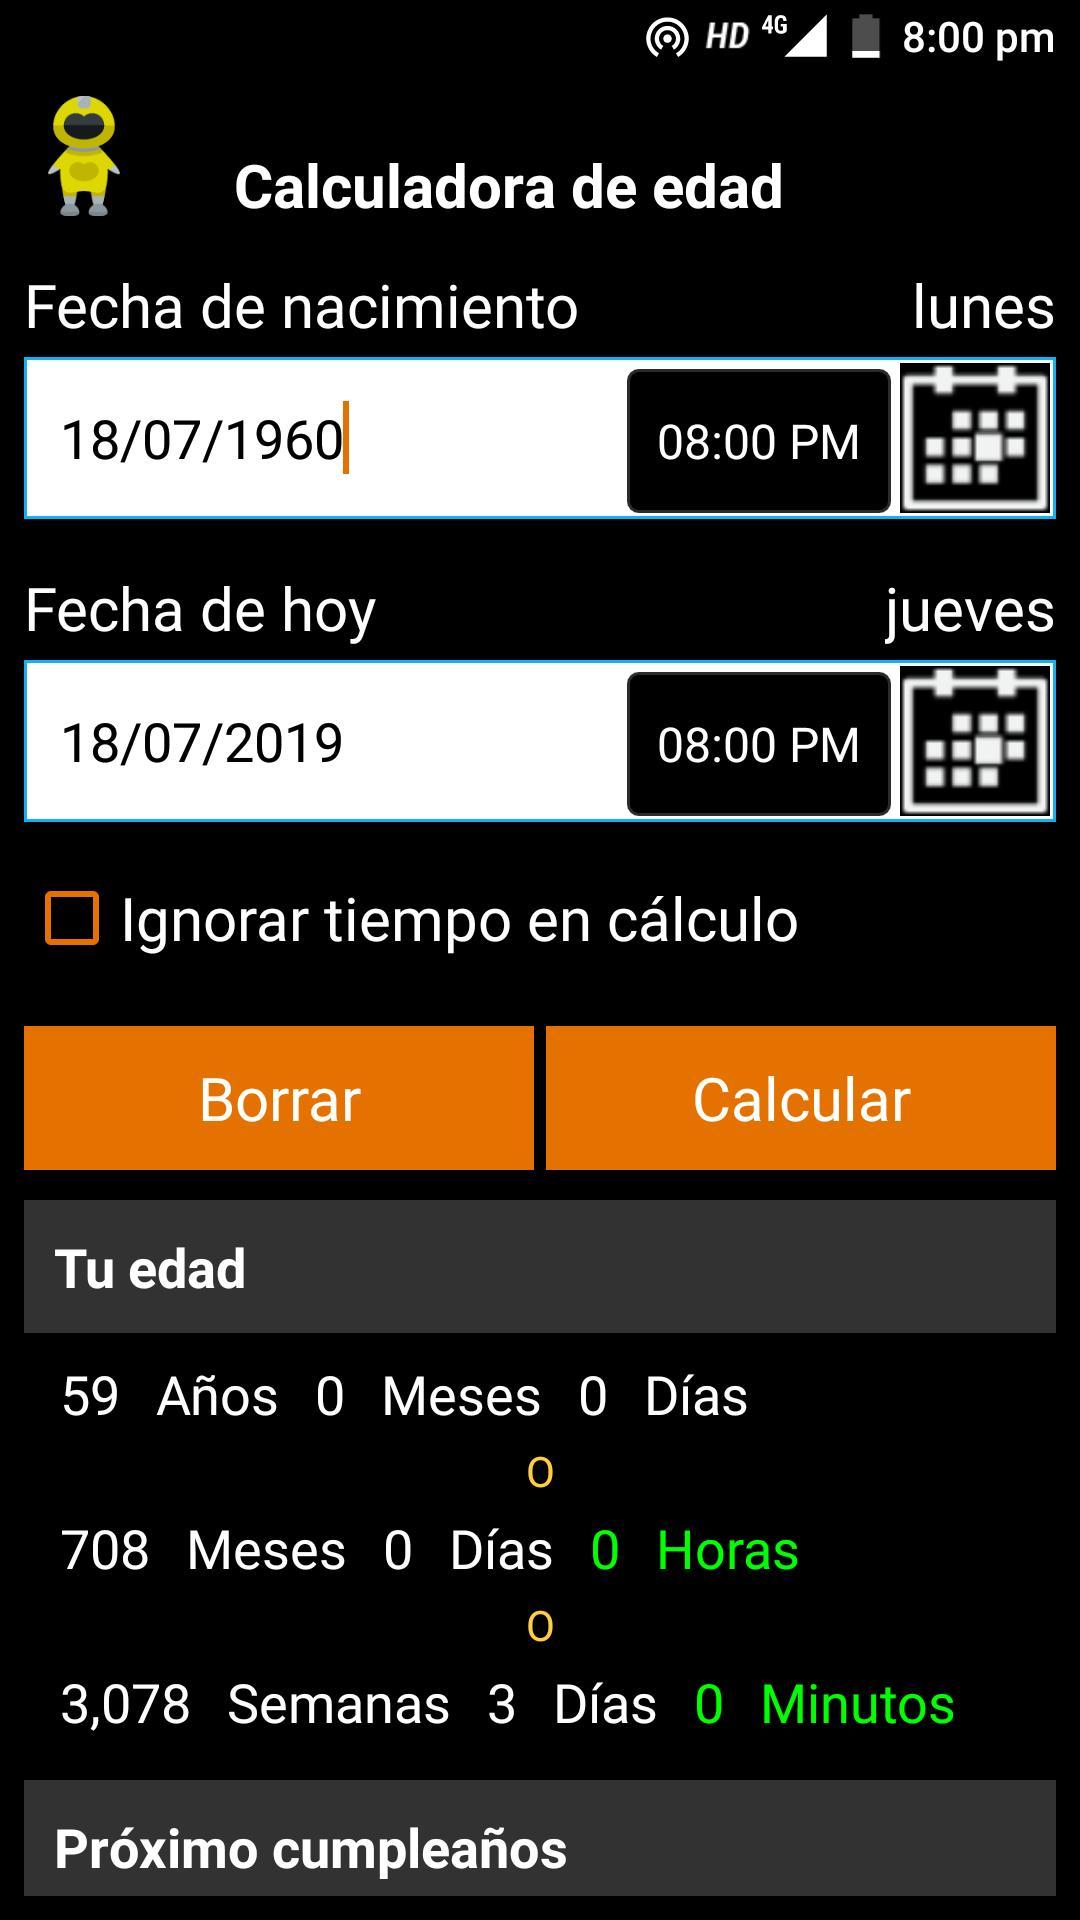 Resultado de imagen de Calculadora de edad - Birthday Date Saver